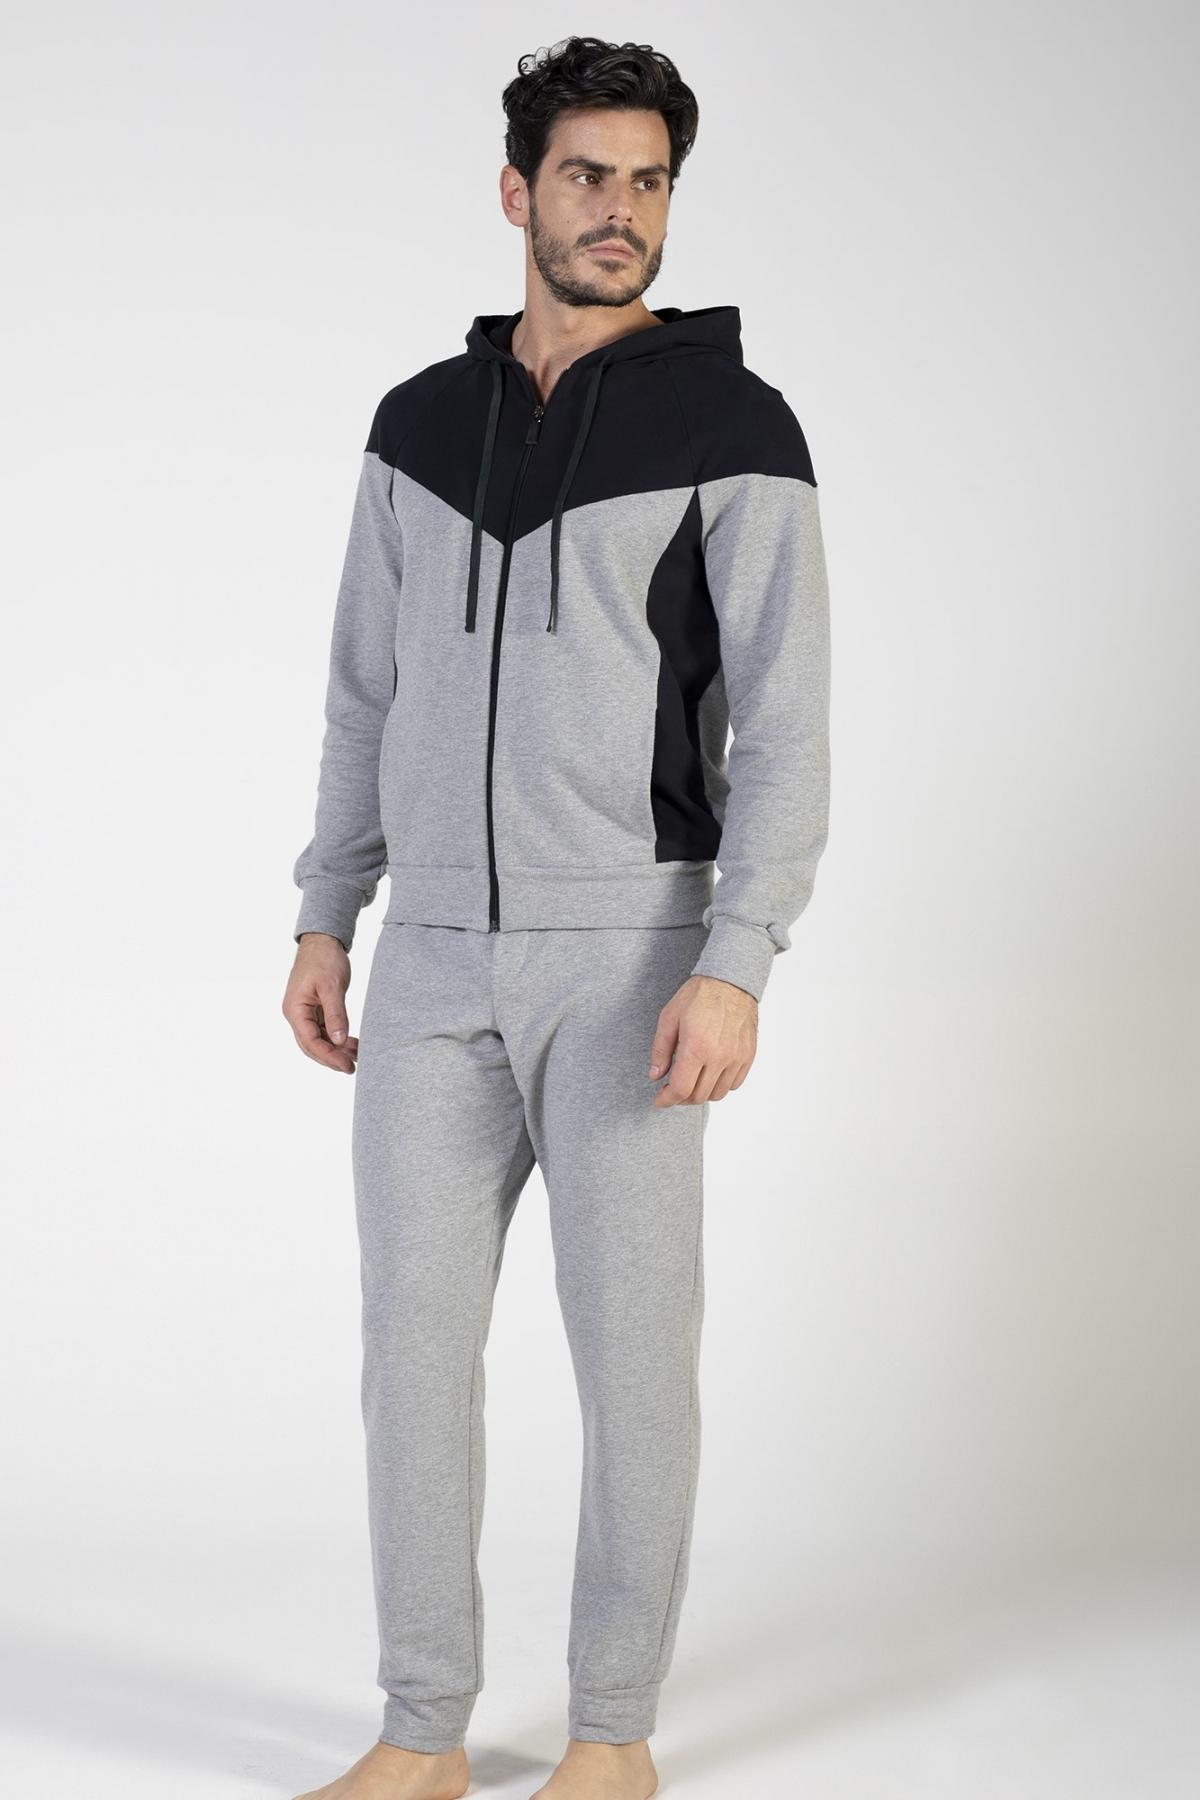 Tuta in felpa elastico di cotone con cappuccio e tasche laterali, pantalone con polso e tasche laterali verdiani uomo